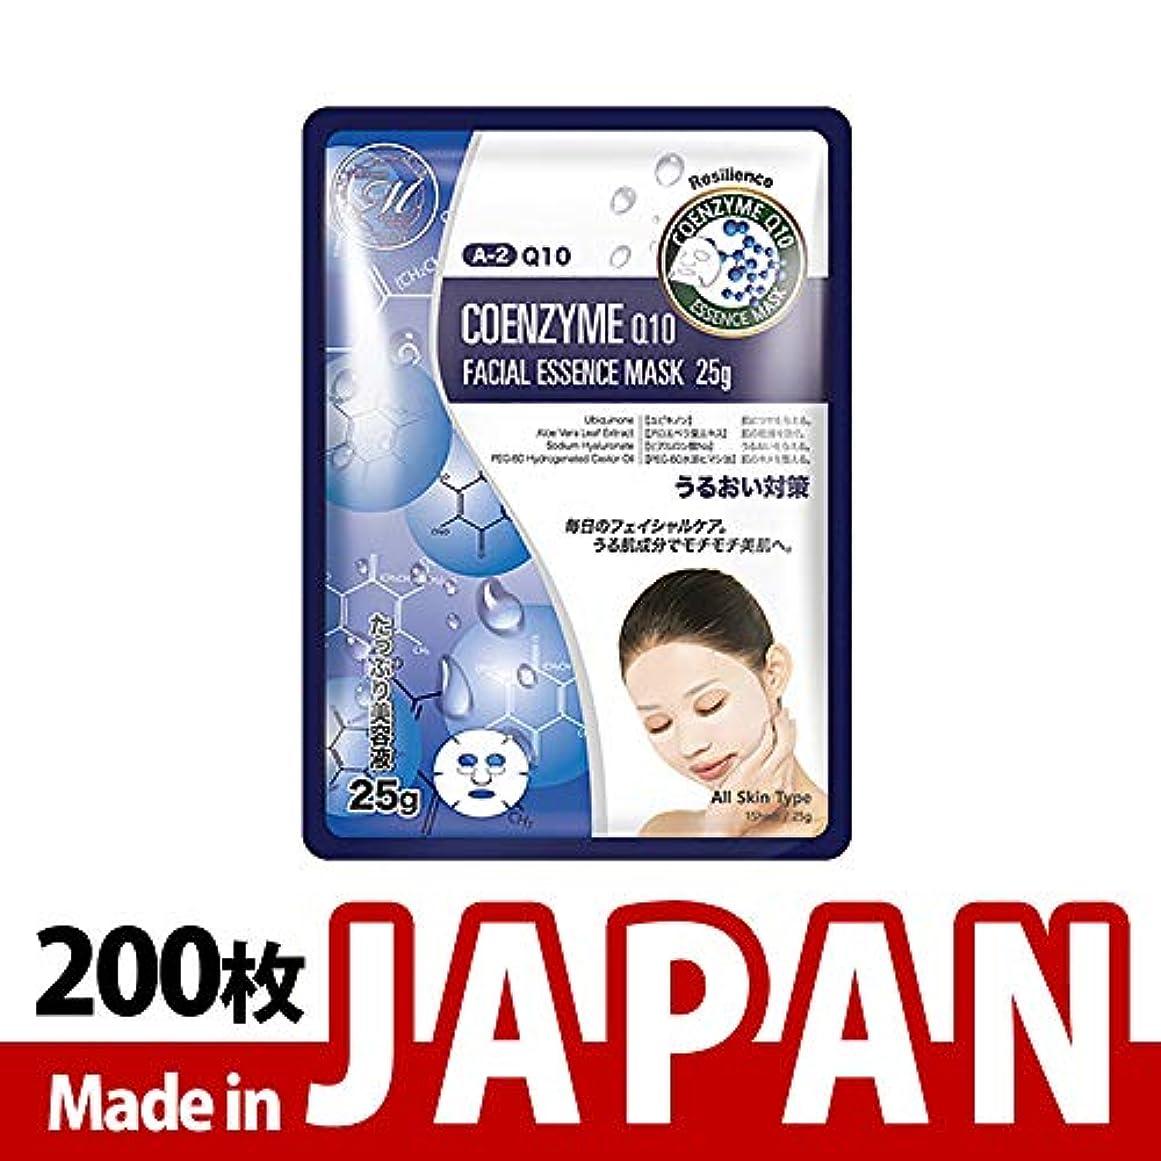 プレゼンター繊維レルムMITOMO【MT512-A-2】日本製シートマスク/10枚入り/200枚/美容液/マスクパック/送料無料